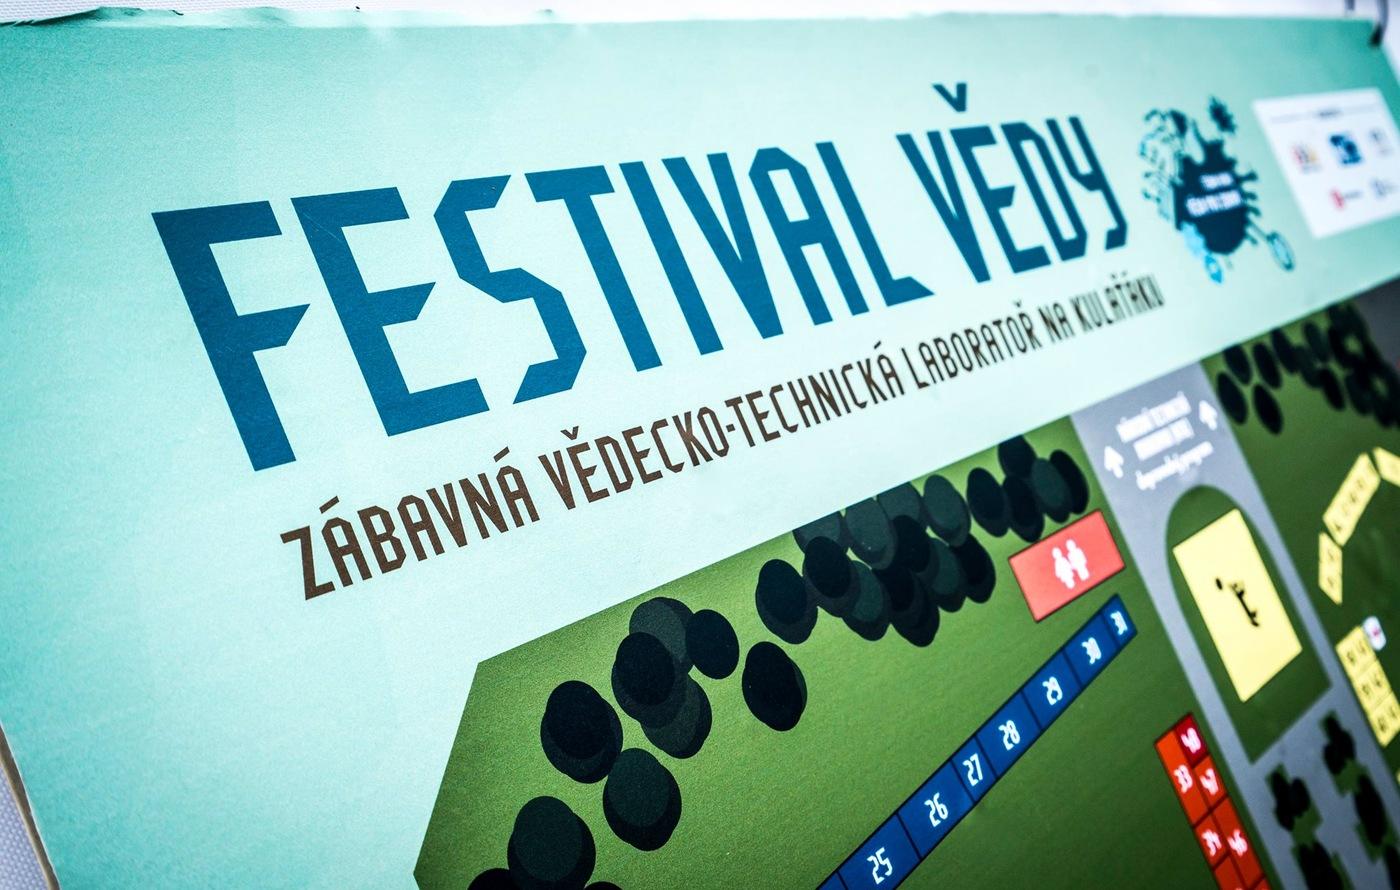 Zahájení Festivalu vědy 2017